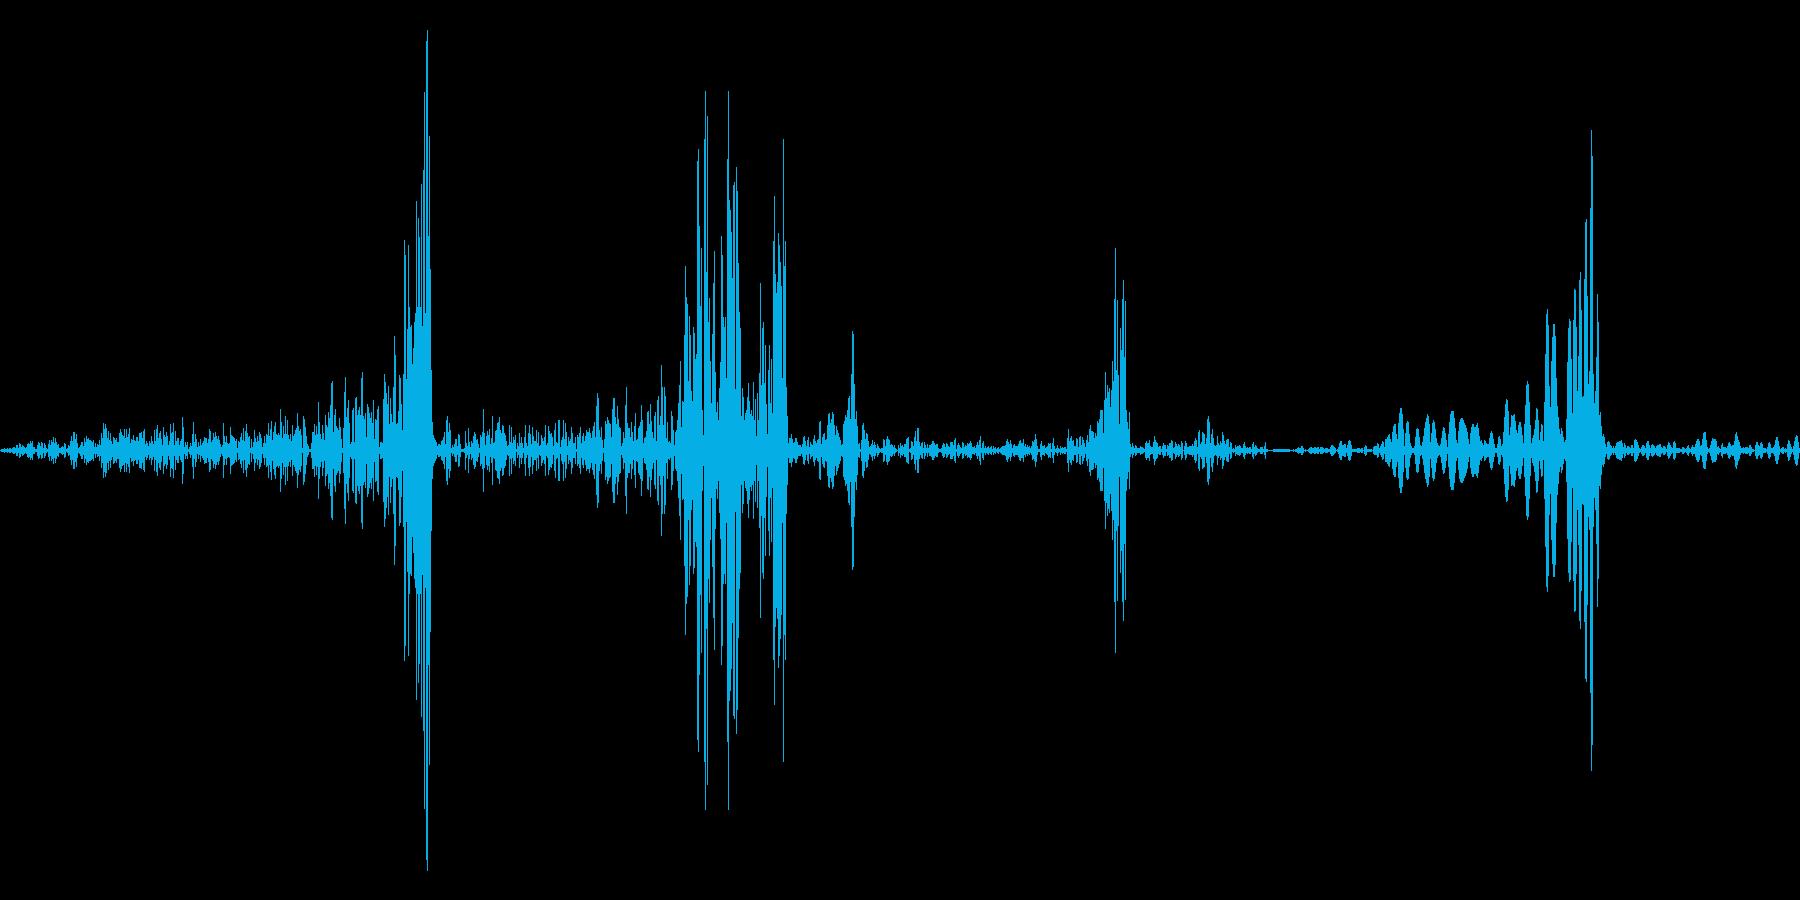 ページめくり音の再生済みの波形